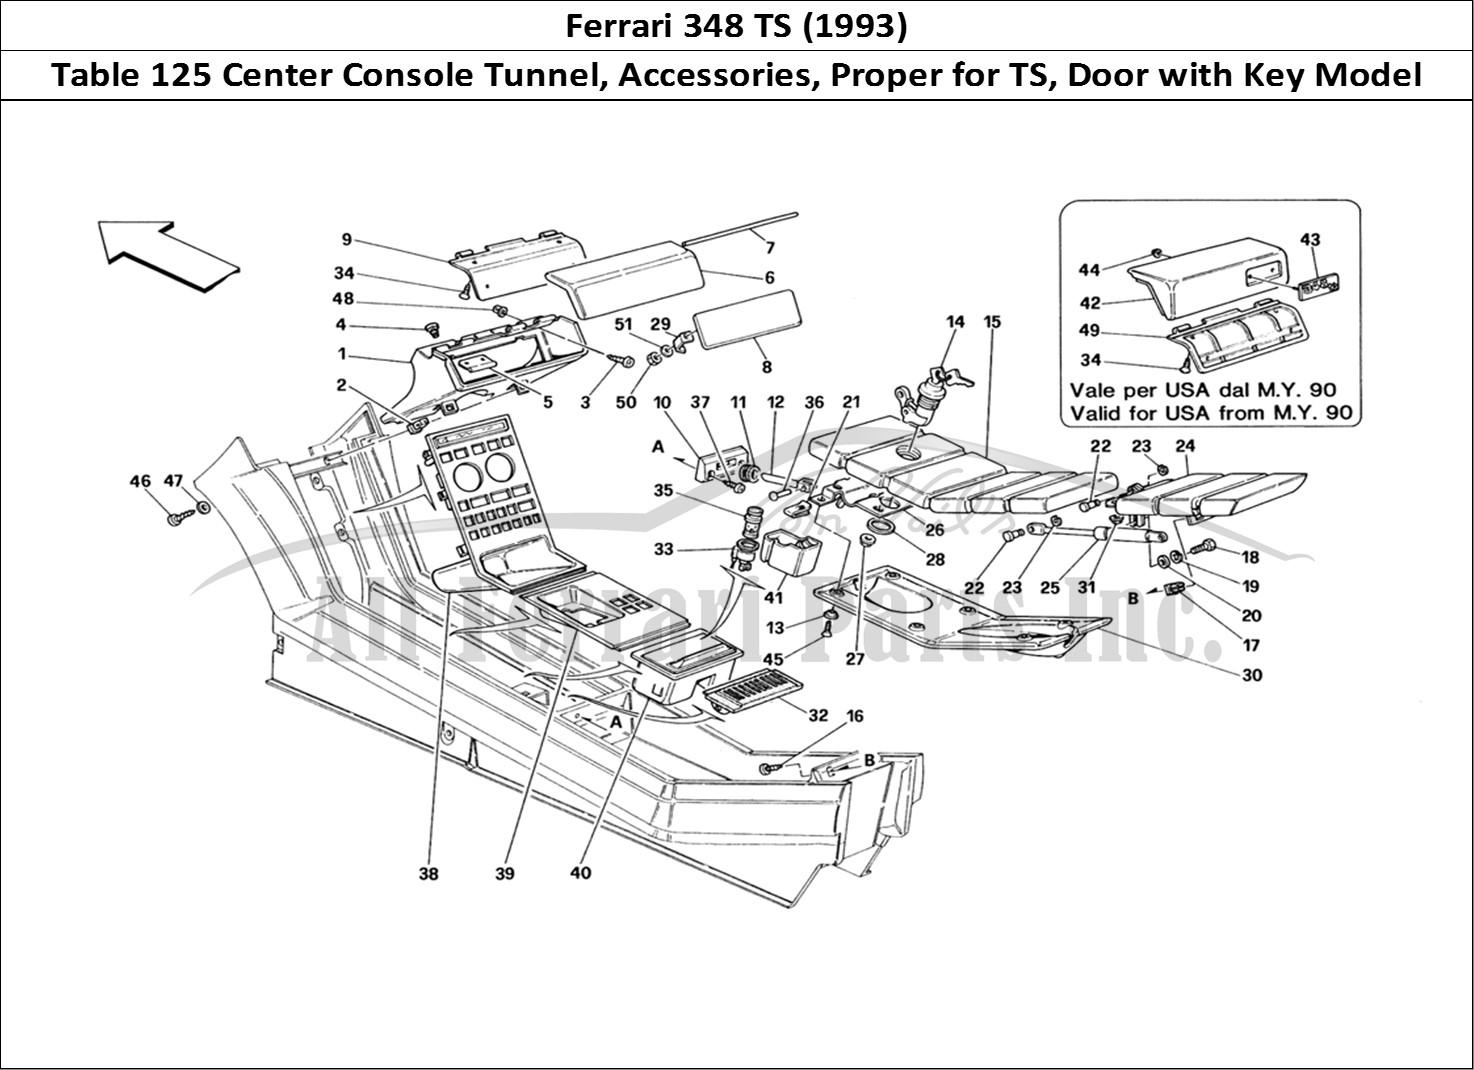 Buy Original Ferrari 348 Ts 125 Center Console